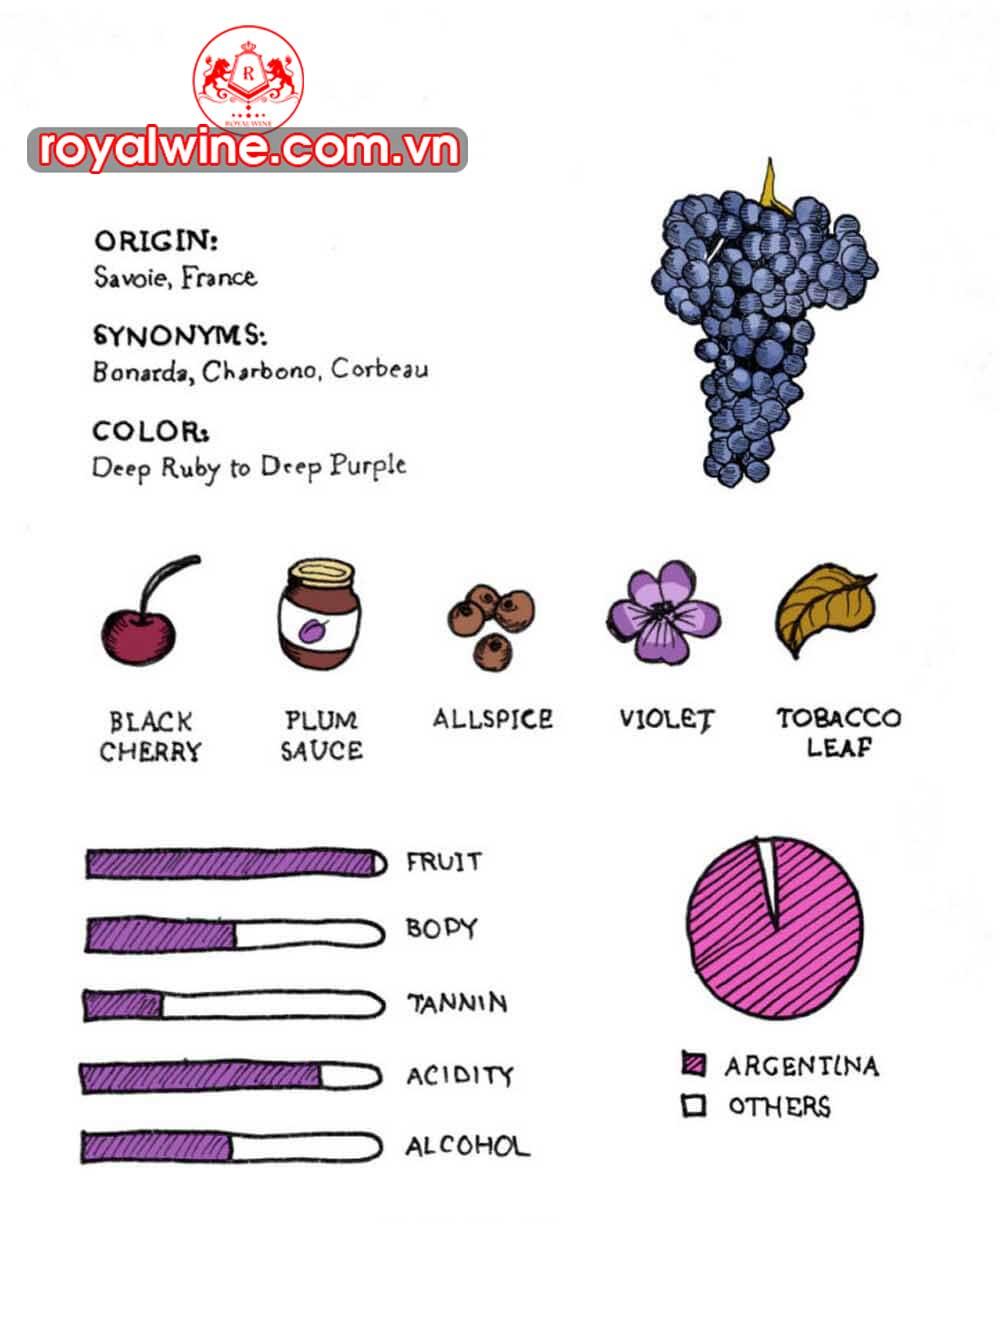 Mùi Vị Đặc Trưng Chủ Đạo Của Rượu Vang Nho Bonarda Argentina